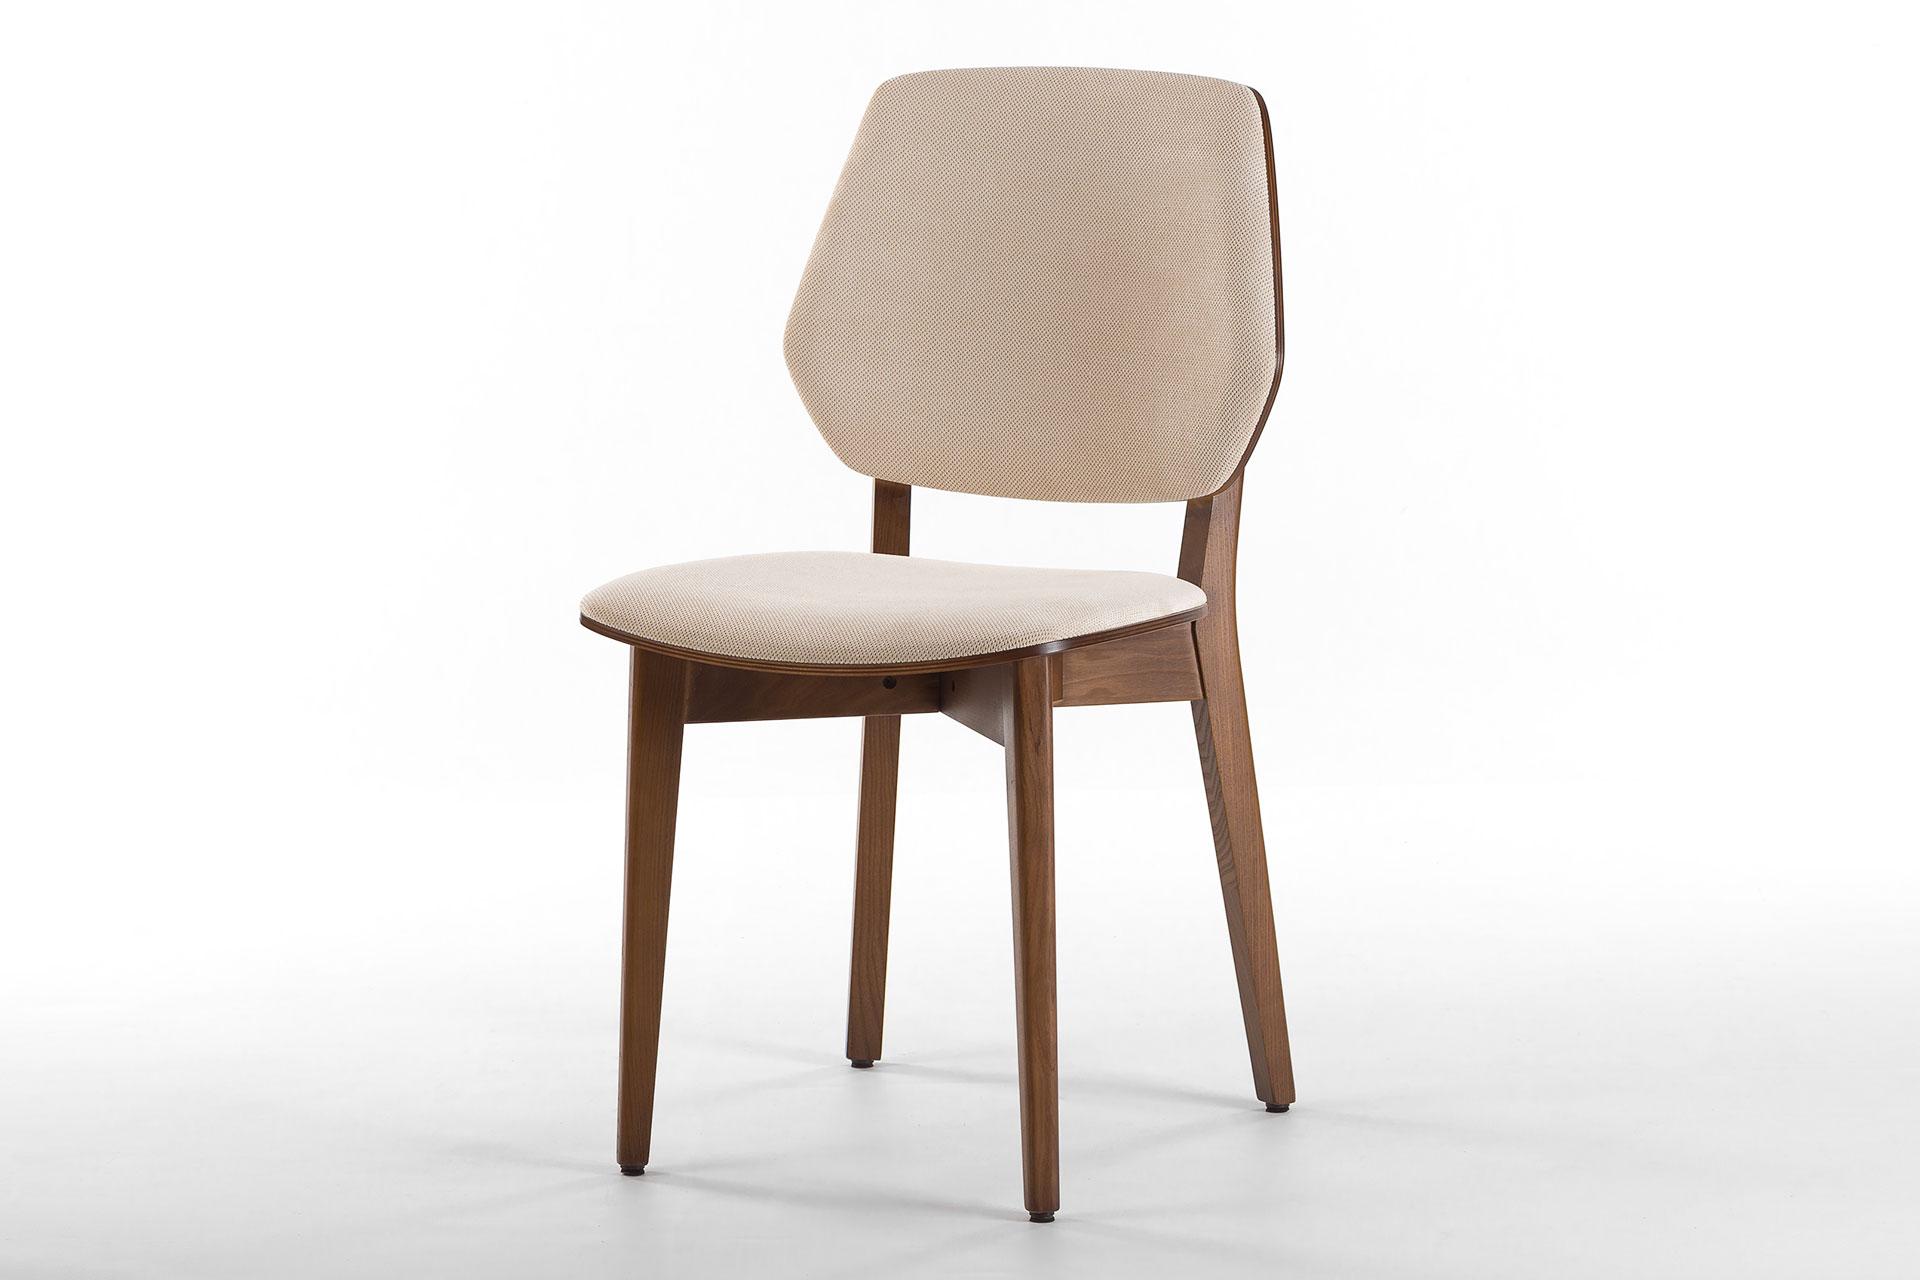 Кухонный стул 03А с мягкими сиденьем и спинкой, оббивка - рогожка Unitex Honey lt Beige • OLEKSENKO Столы и Стулья •